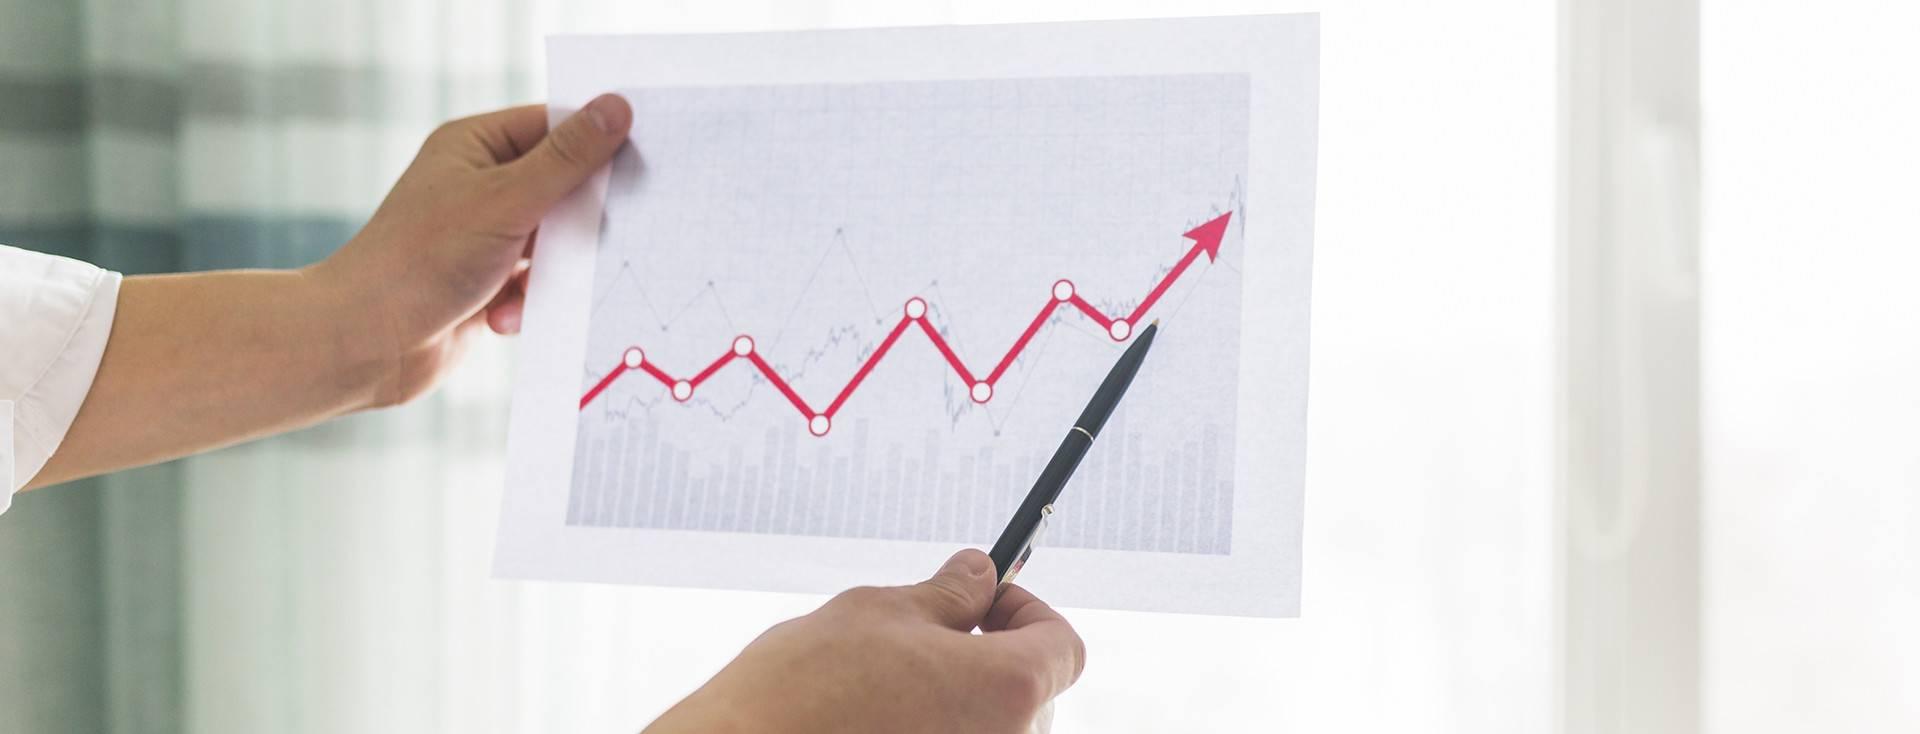 Միջազգային շուկաներից շրջանառու միջոցների համալրում